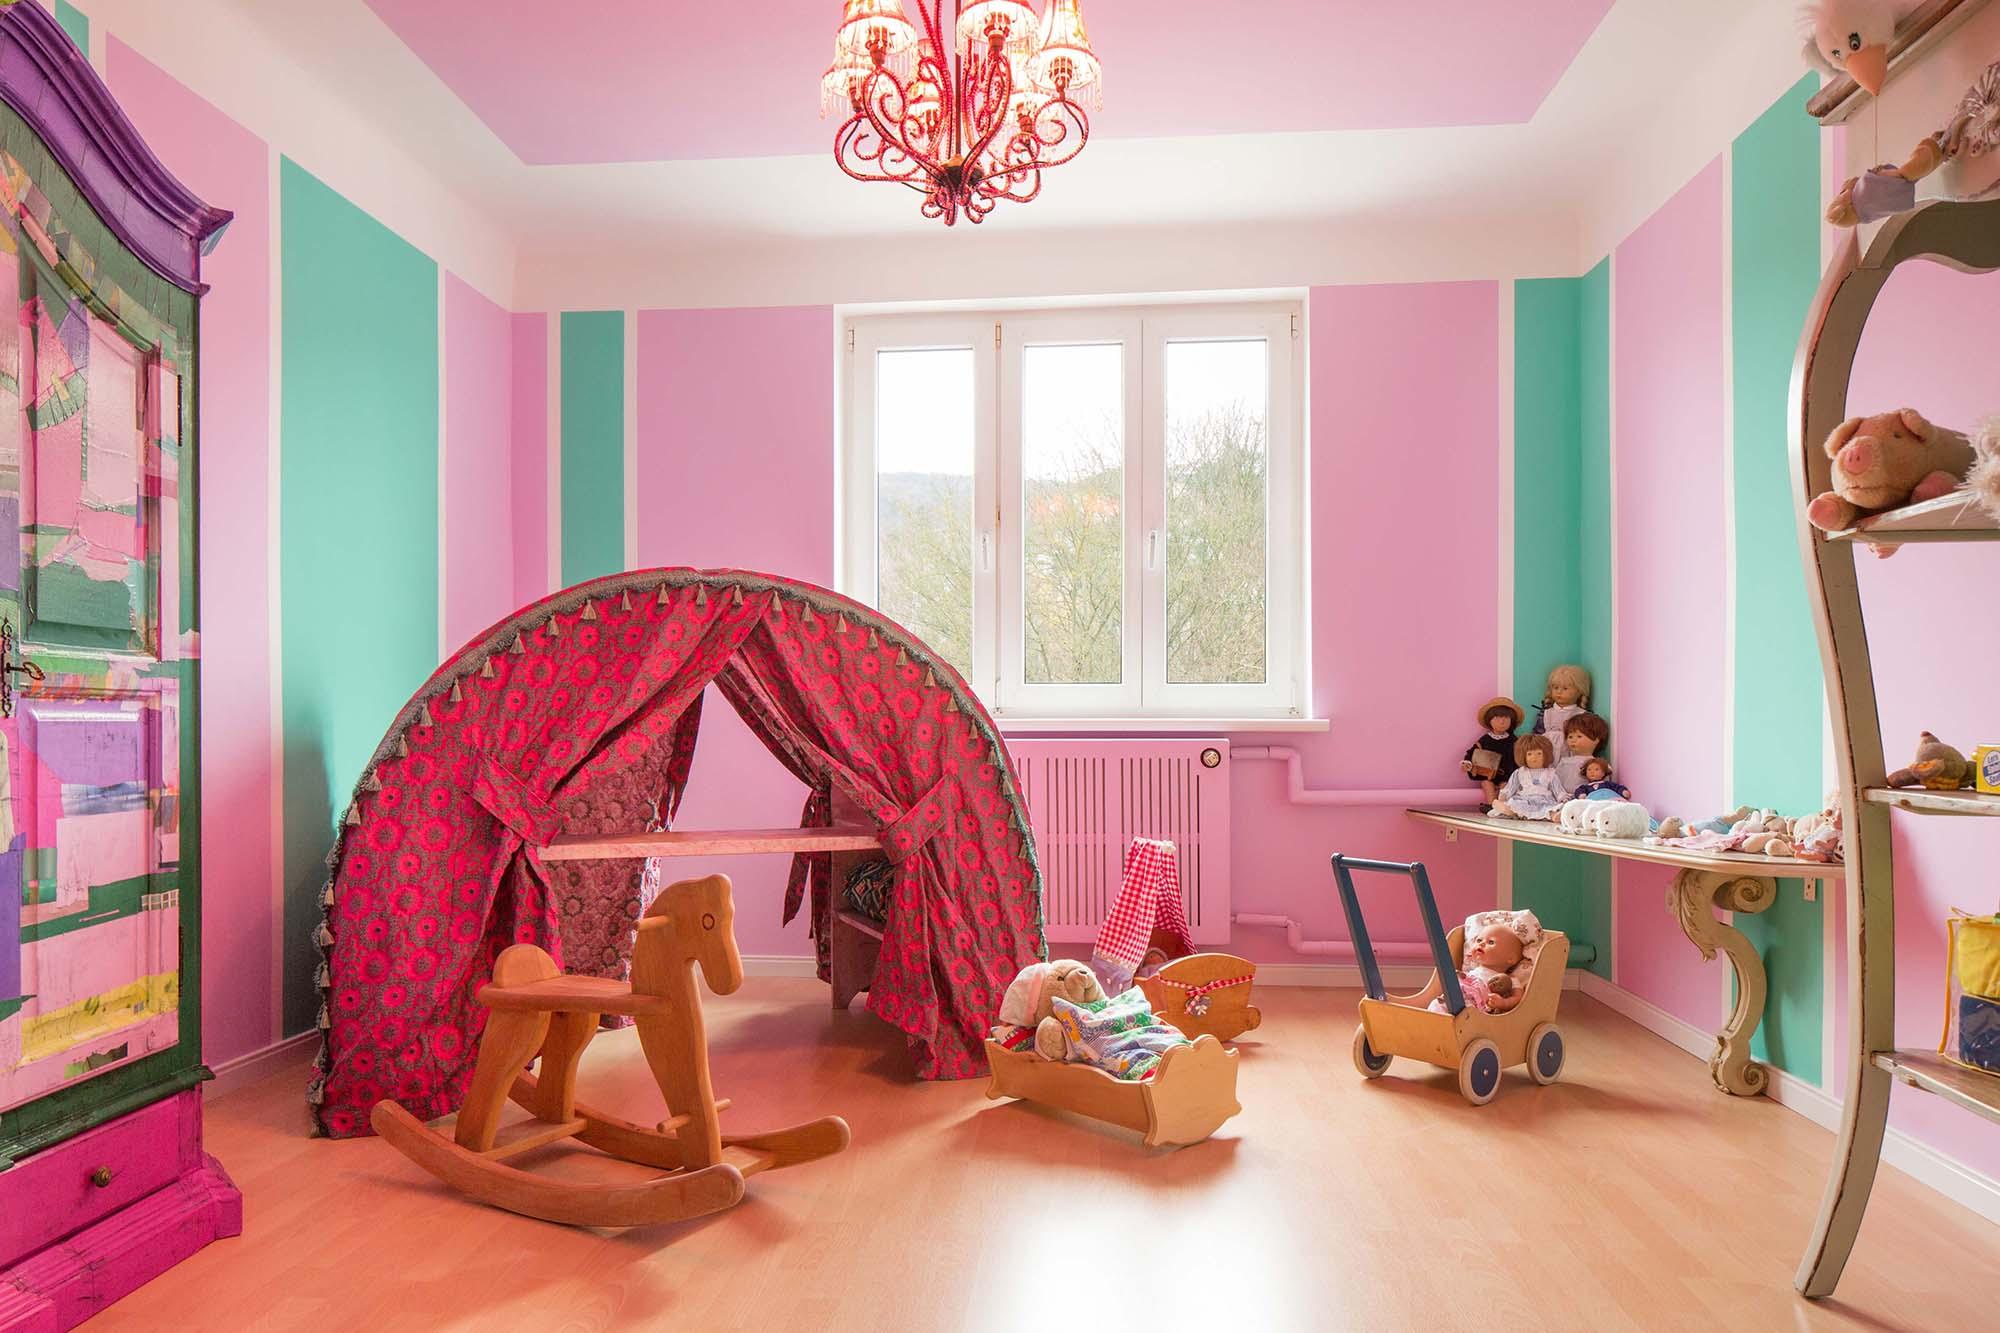 Spielzimmer grün und rosa gestrichen, mit Spielzelt, Schrank und Sideboard als Einrichtung.